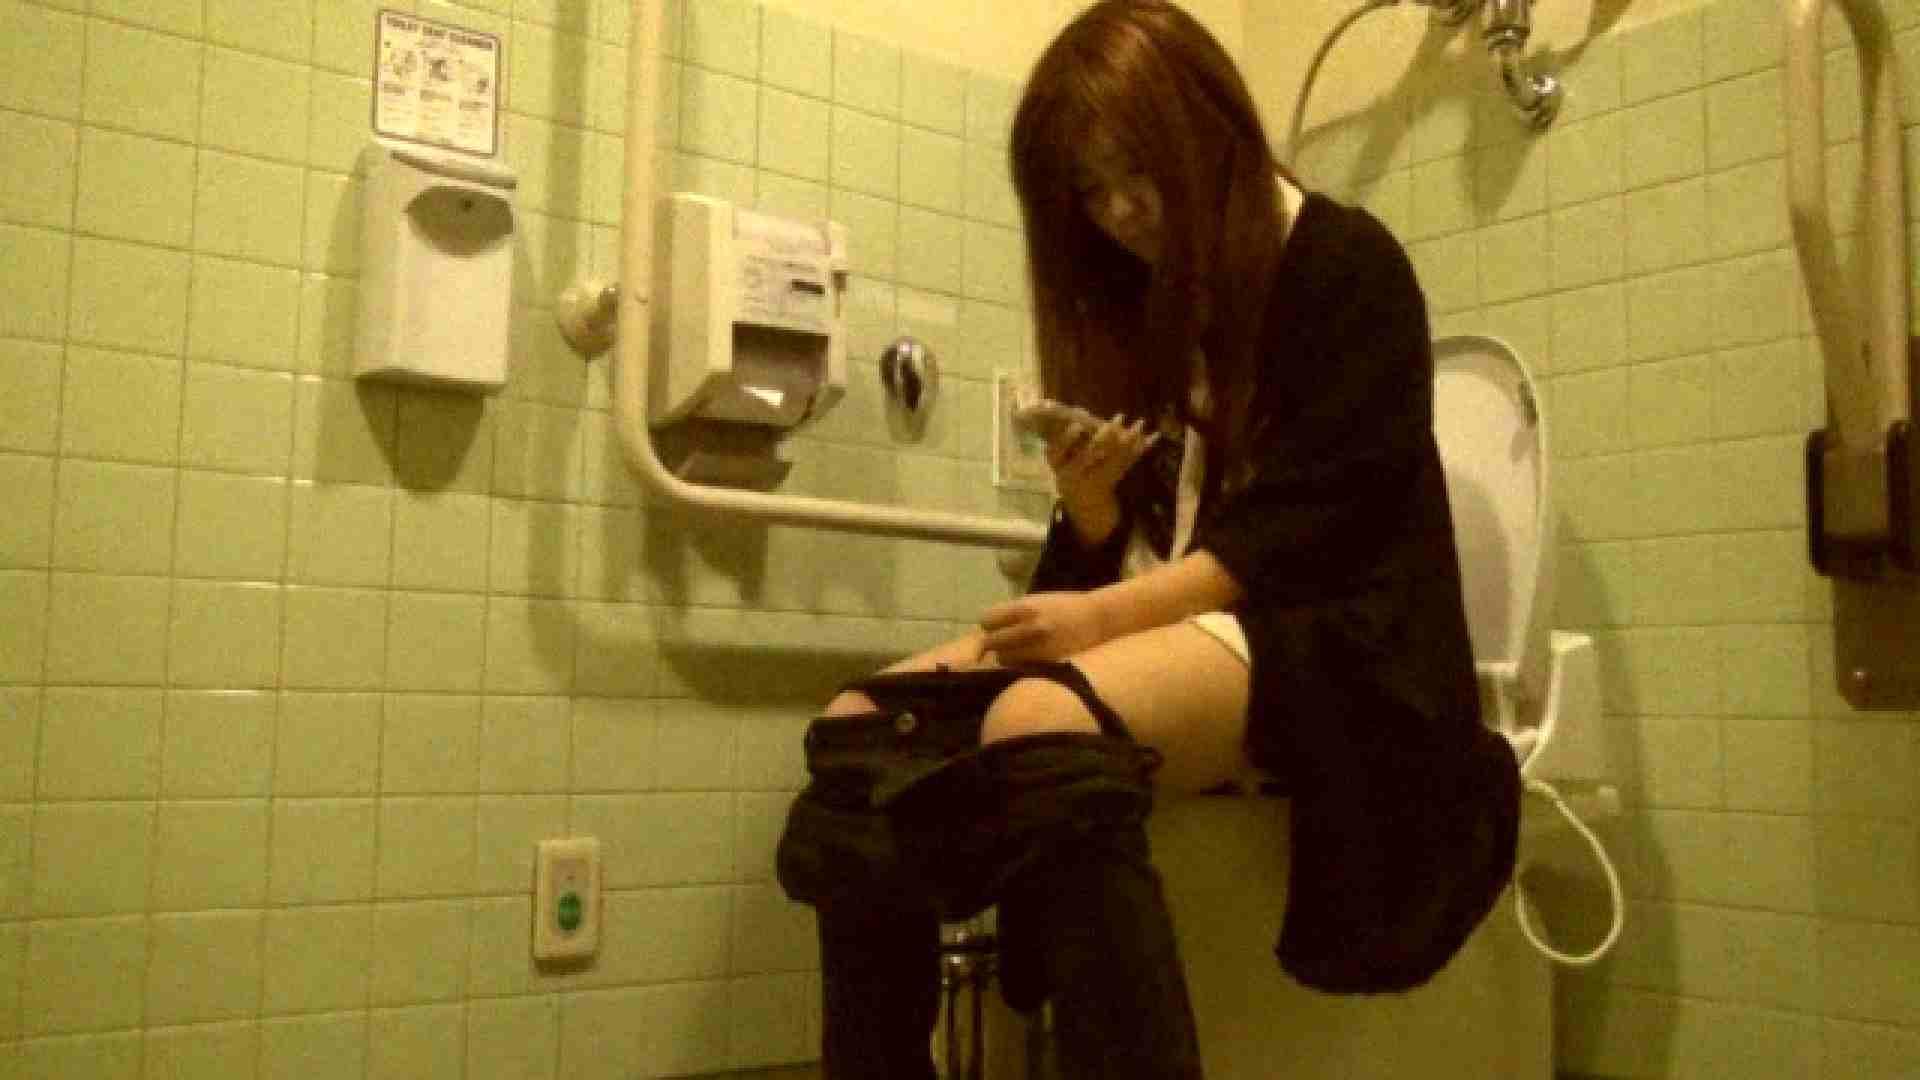 魔術師の お・も・て・な・し vol.26 19歳のバーの店員さんの洗面所をしばし… 美しいOLの裸体  73pic 51